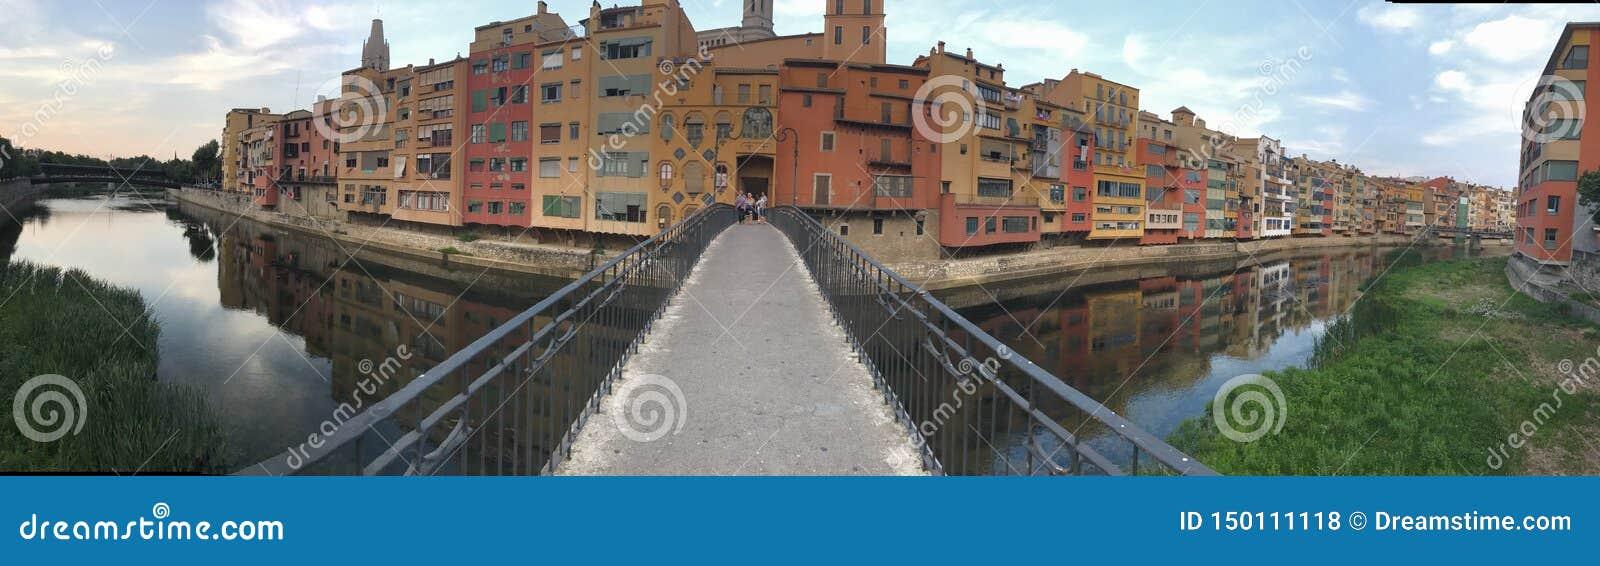 Mooi panorama van de beroemde kleuren van Girona